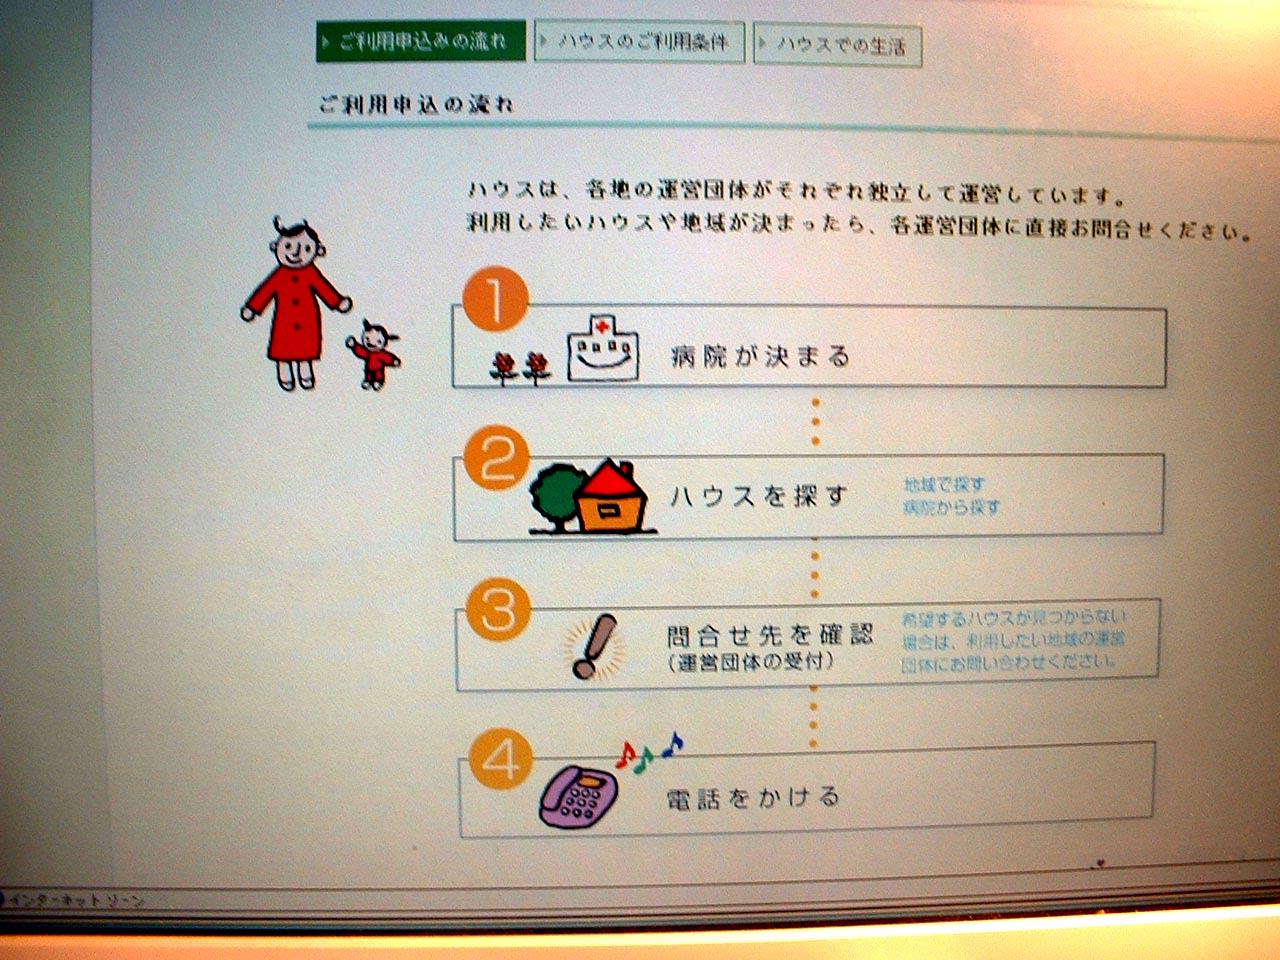 日本ホスピタルホスピタリティーハウスネットワークのキャラクター_e0082852_12294221.jpg